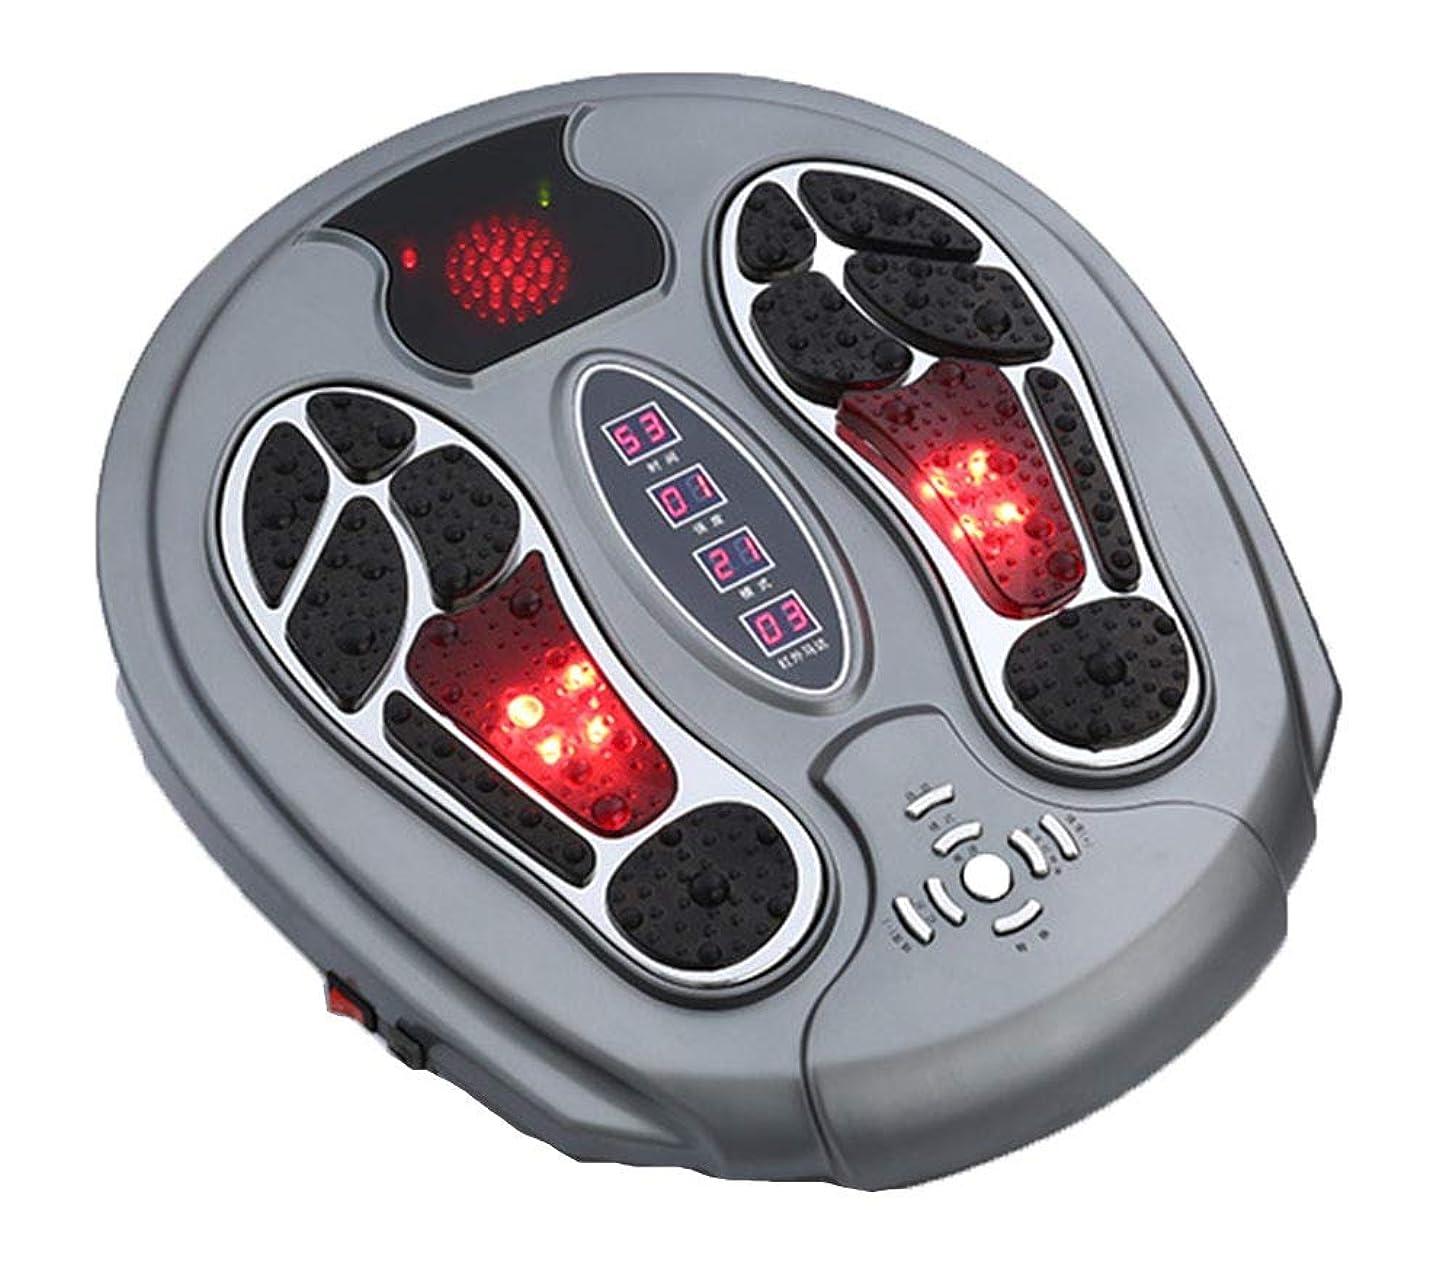 芸術的著者同性愛者調整可能Foot Massager Stimulator - Booster Circulation、身体を刺激する99の強度設定、赤外線機能付き リラックス